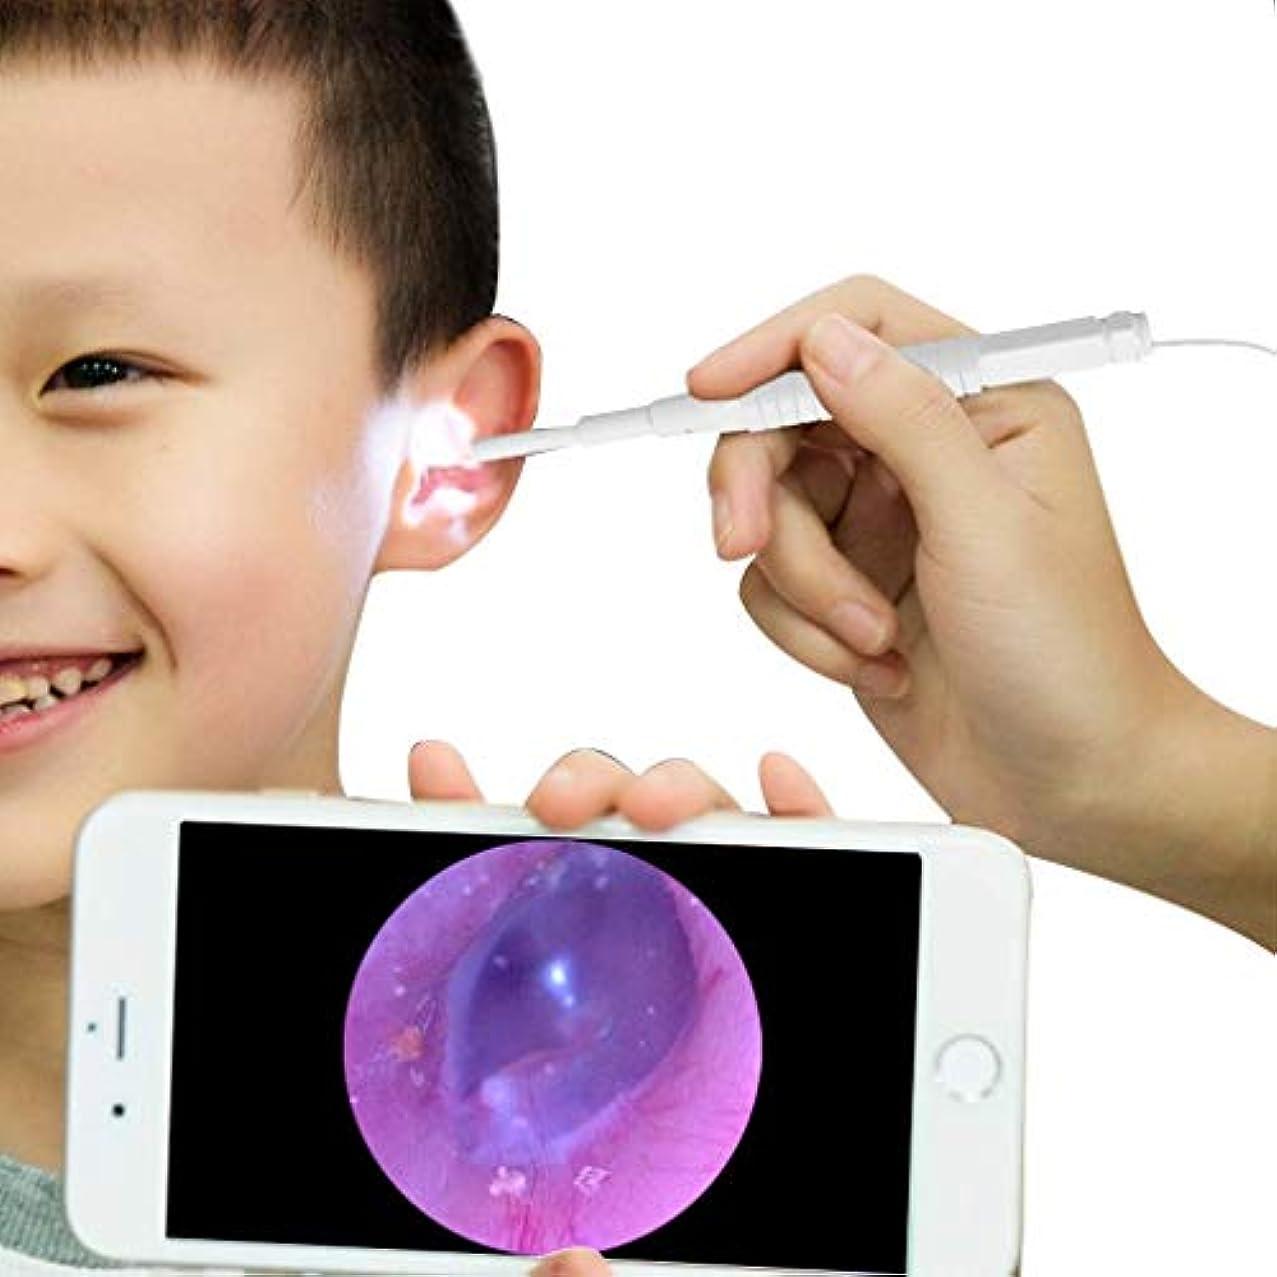 遺跡小包アラバマ耳のクリーニングツールIP67防水ワイヤレスOtoscopeのWi-FiのWiFiボックス付きHD 720 P内視鏡付き6調整可能なLED付き内視鏡